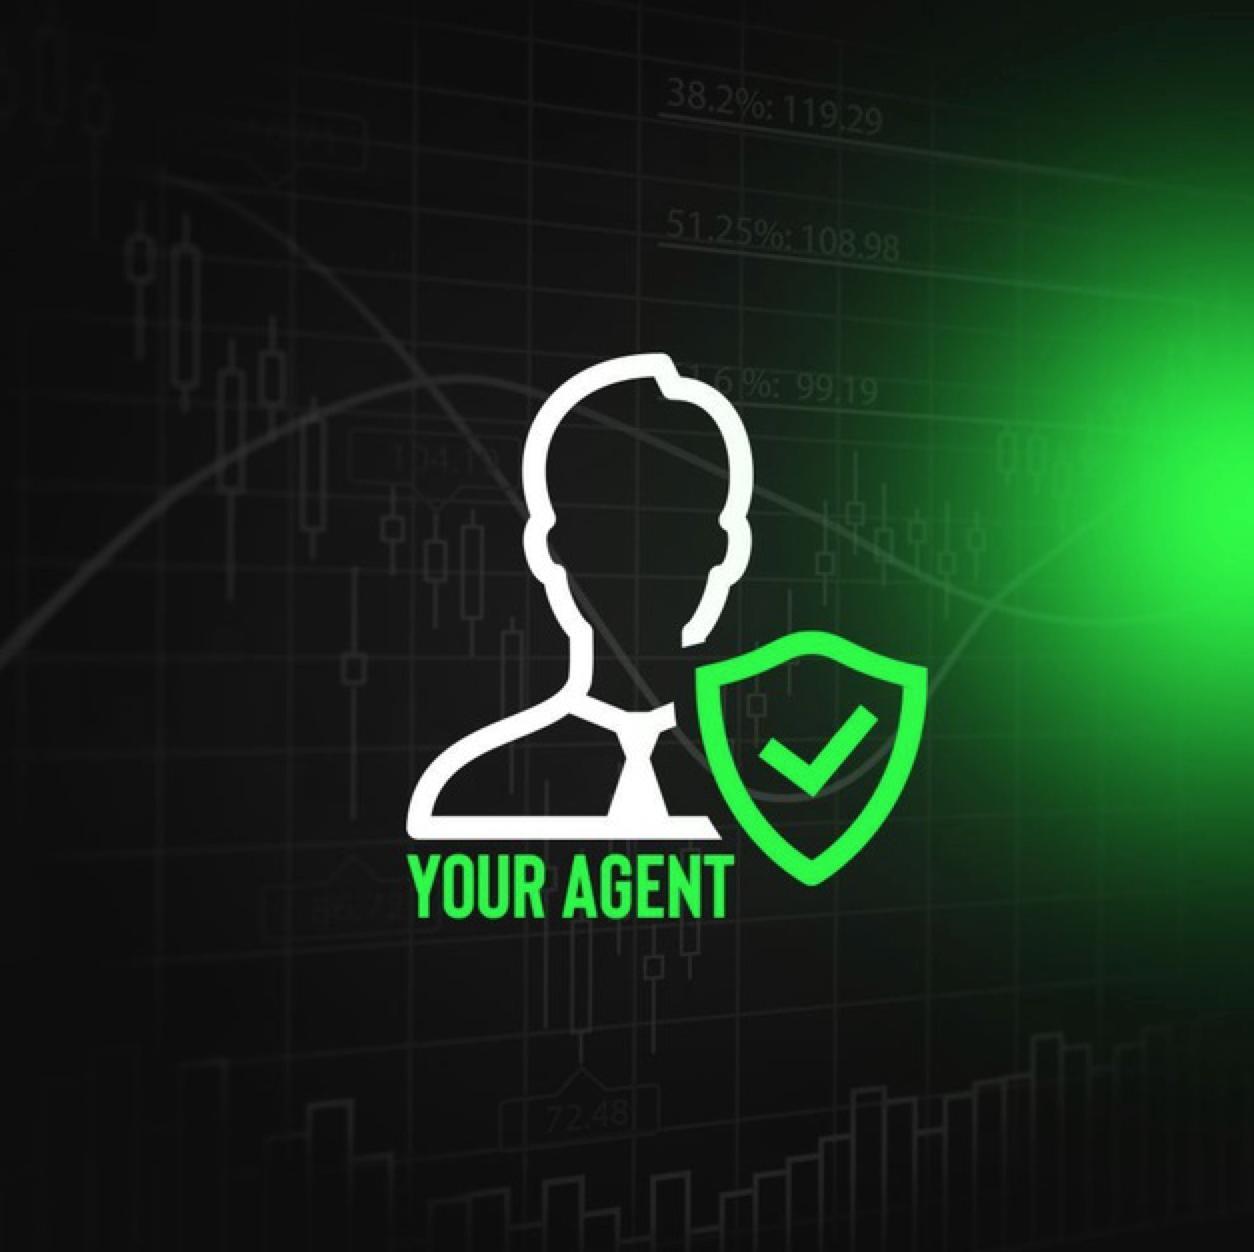 Логотип Your Agent